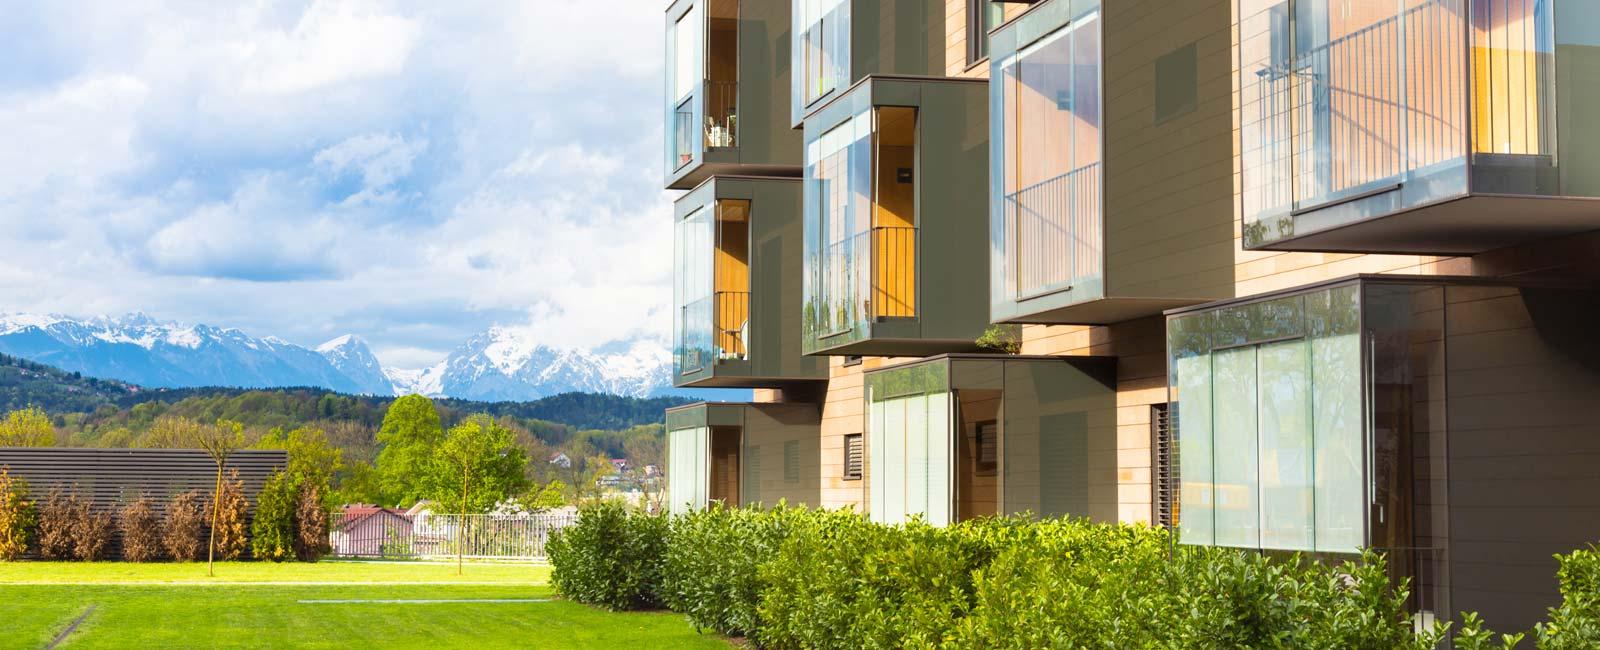 Home progettarecasa for Iva agenzia immobiliare